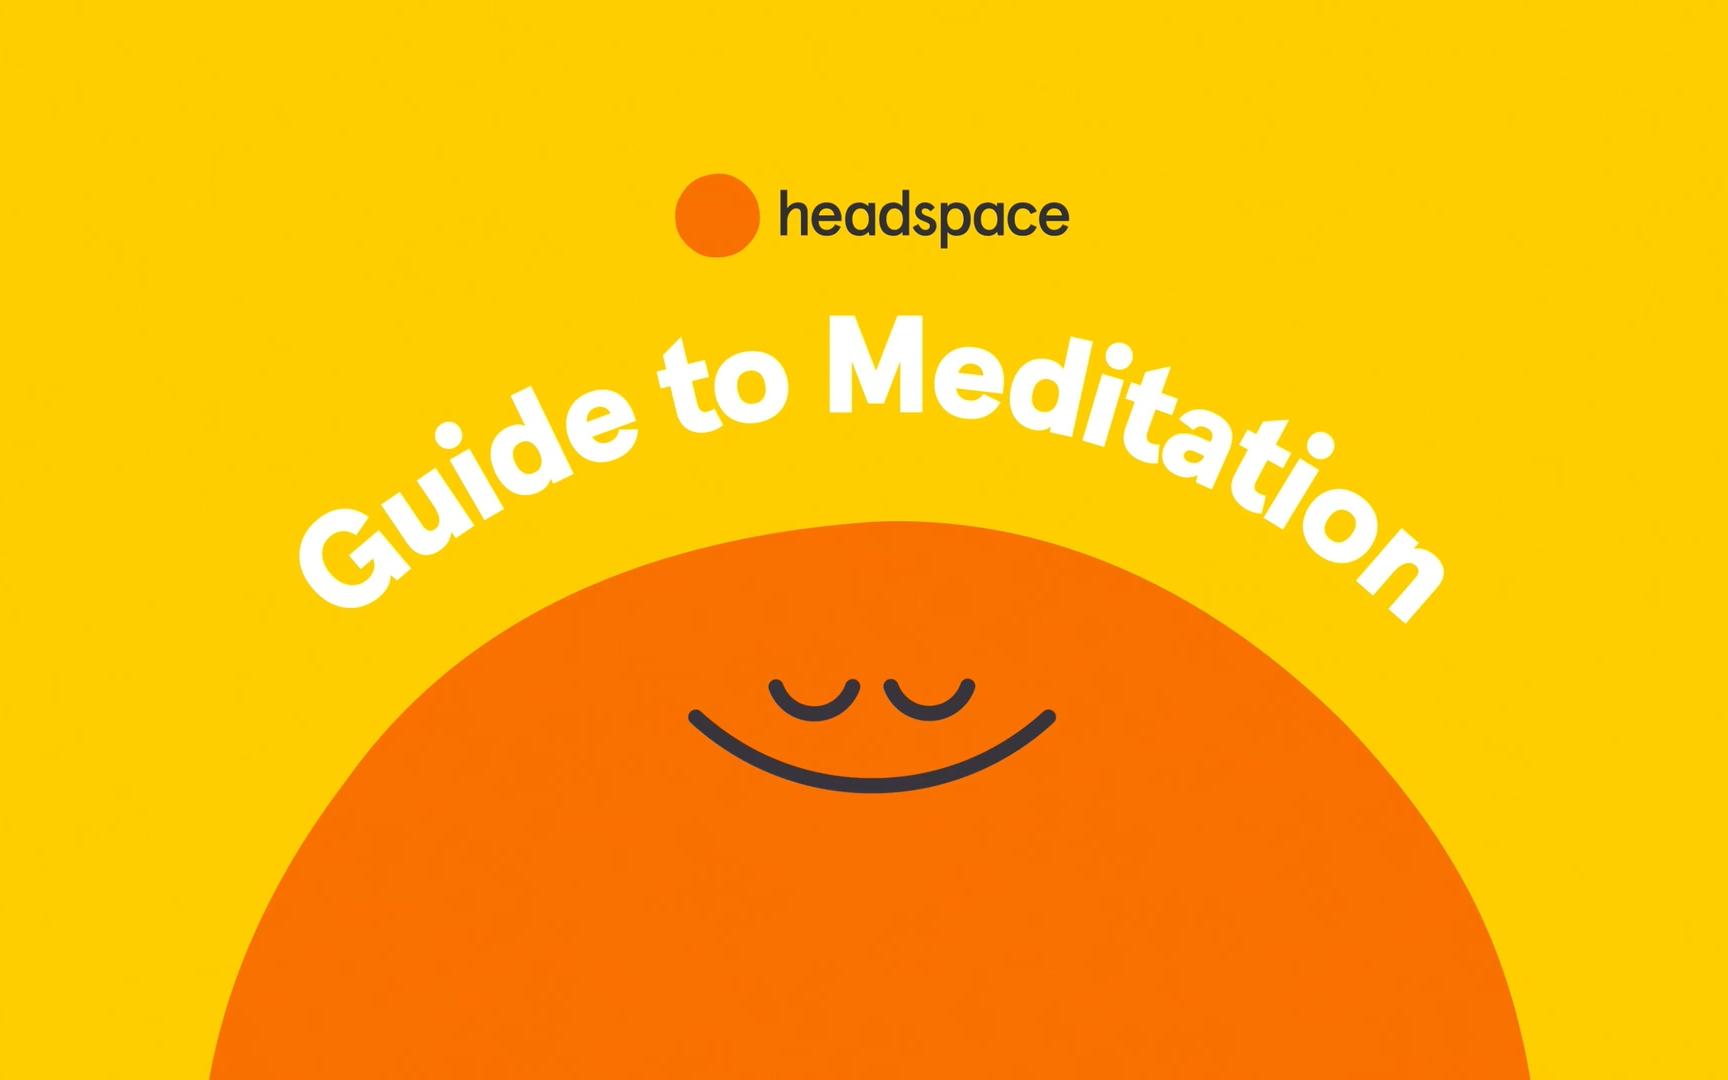 冥想正念附錄 Appendix to Meditation 中文語音(一):如何開始